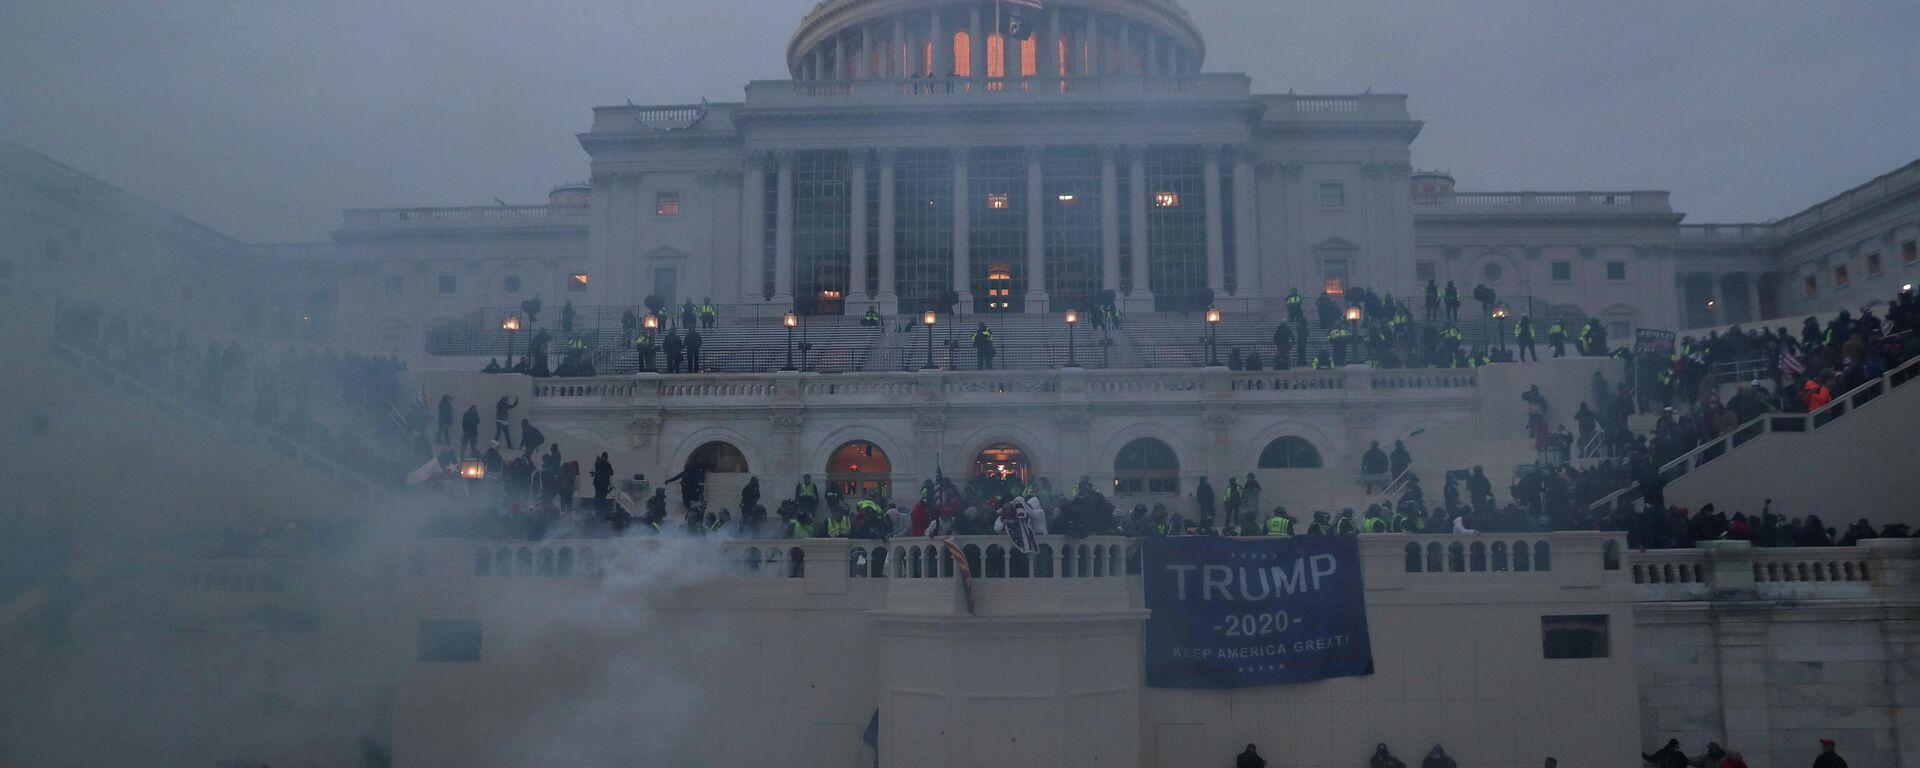 Anhänger von Donald Trump erstürmen das US-Kapitol - SNA, 1920, 07.01.2021